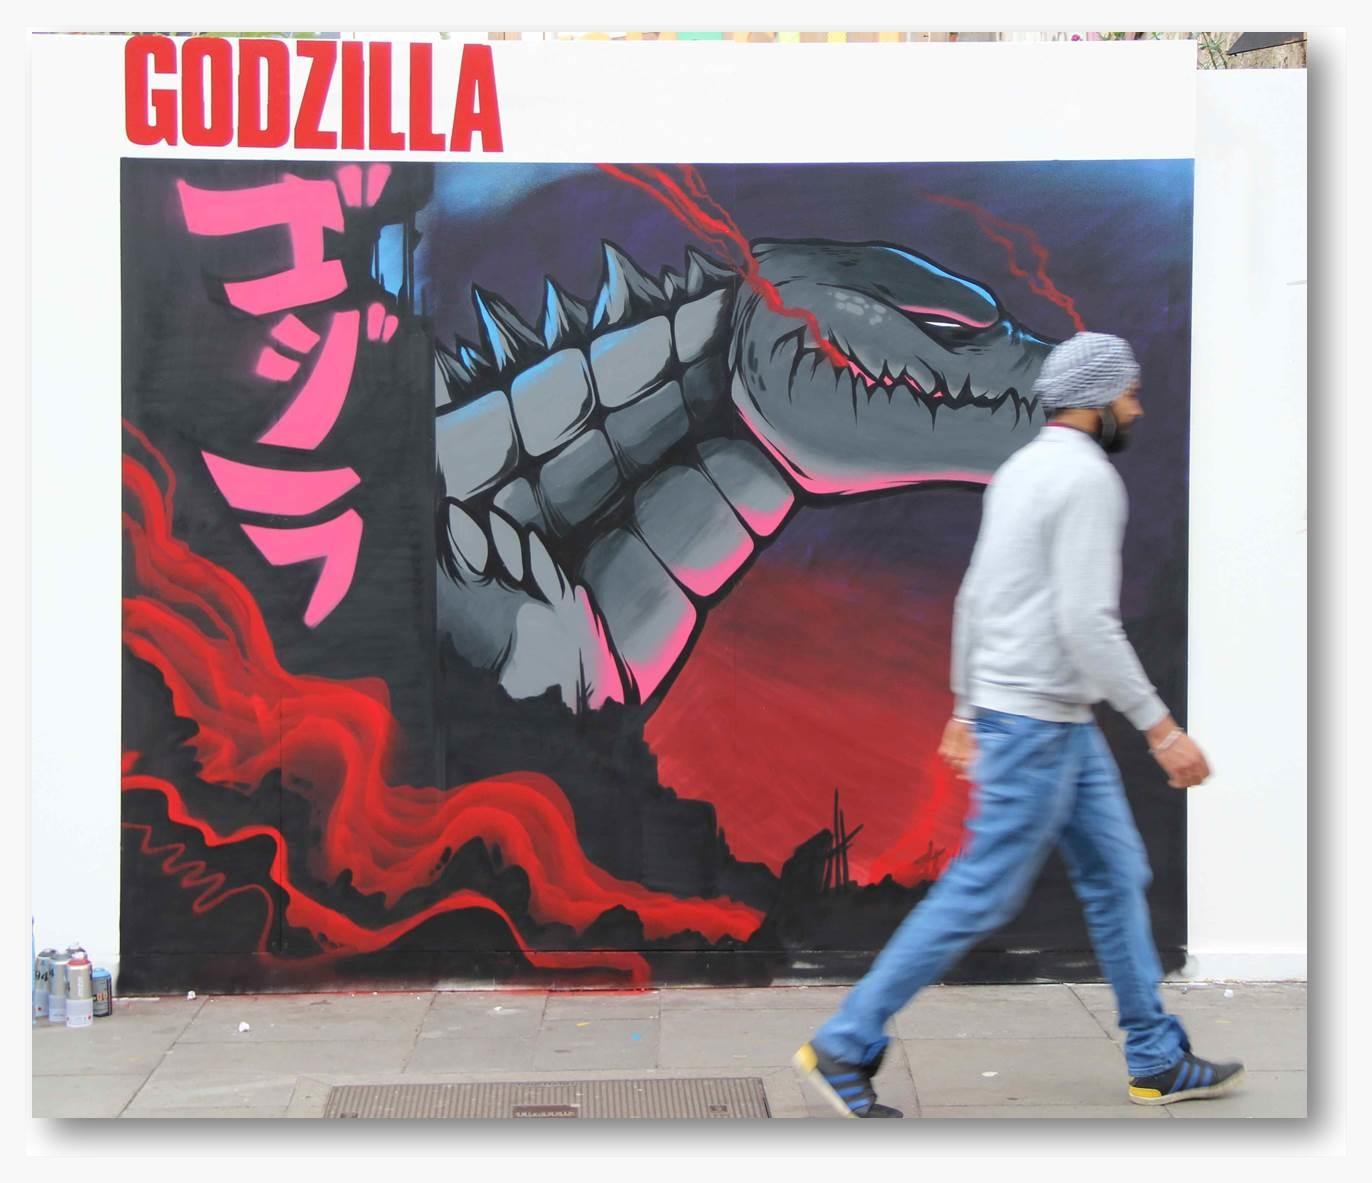 Godzilla Graffiti Special